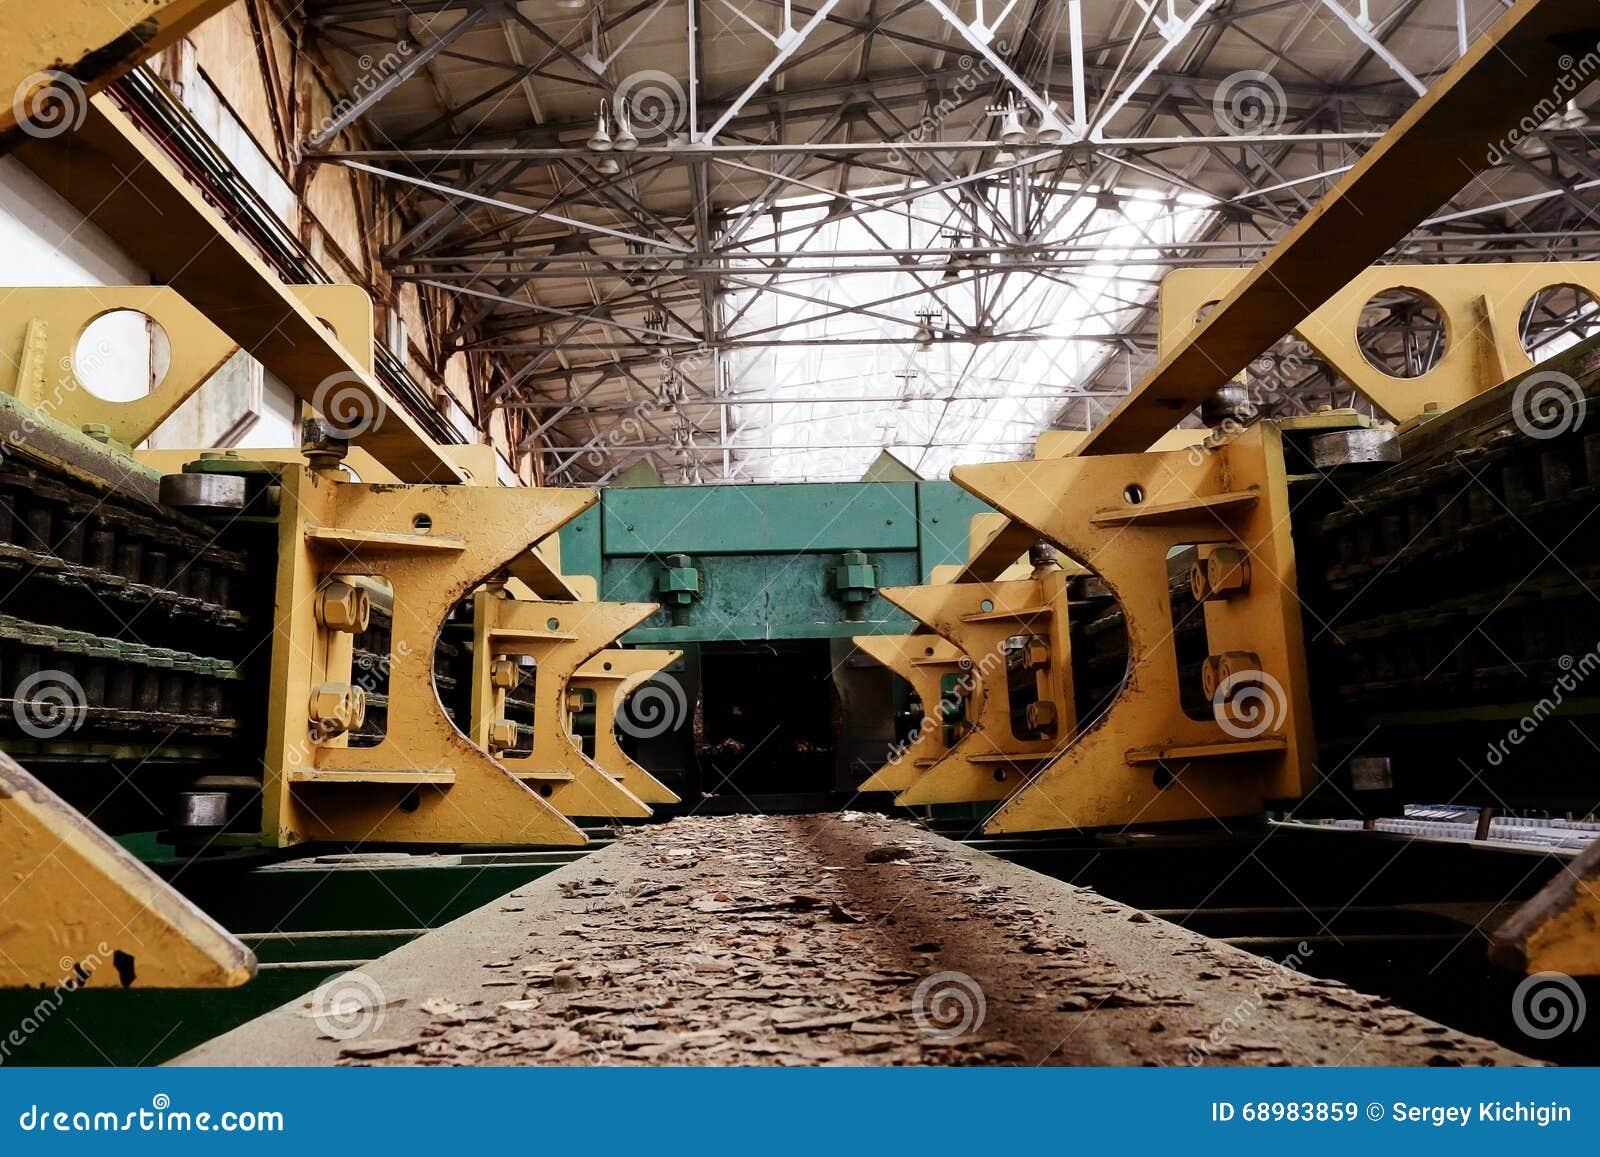 Fondo del equipo industrial